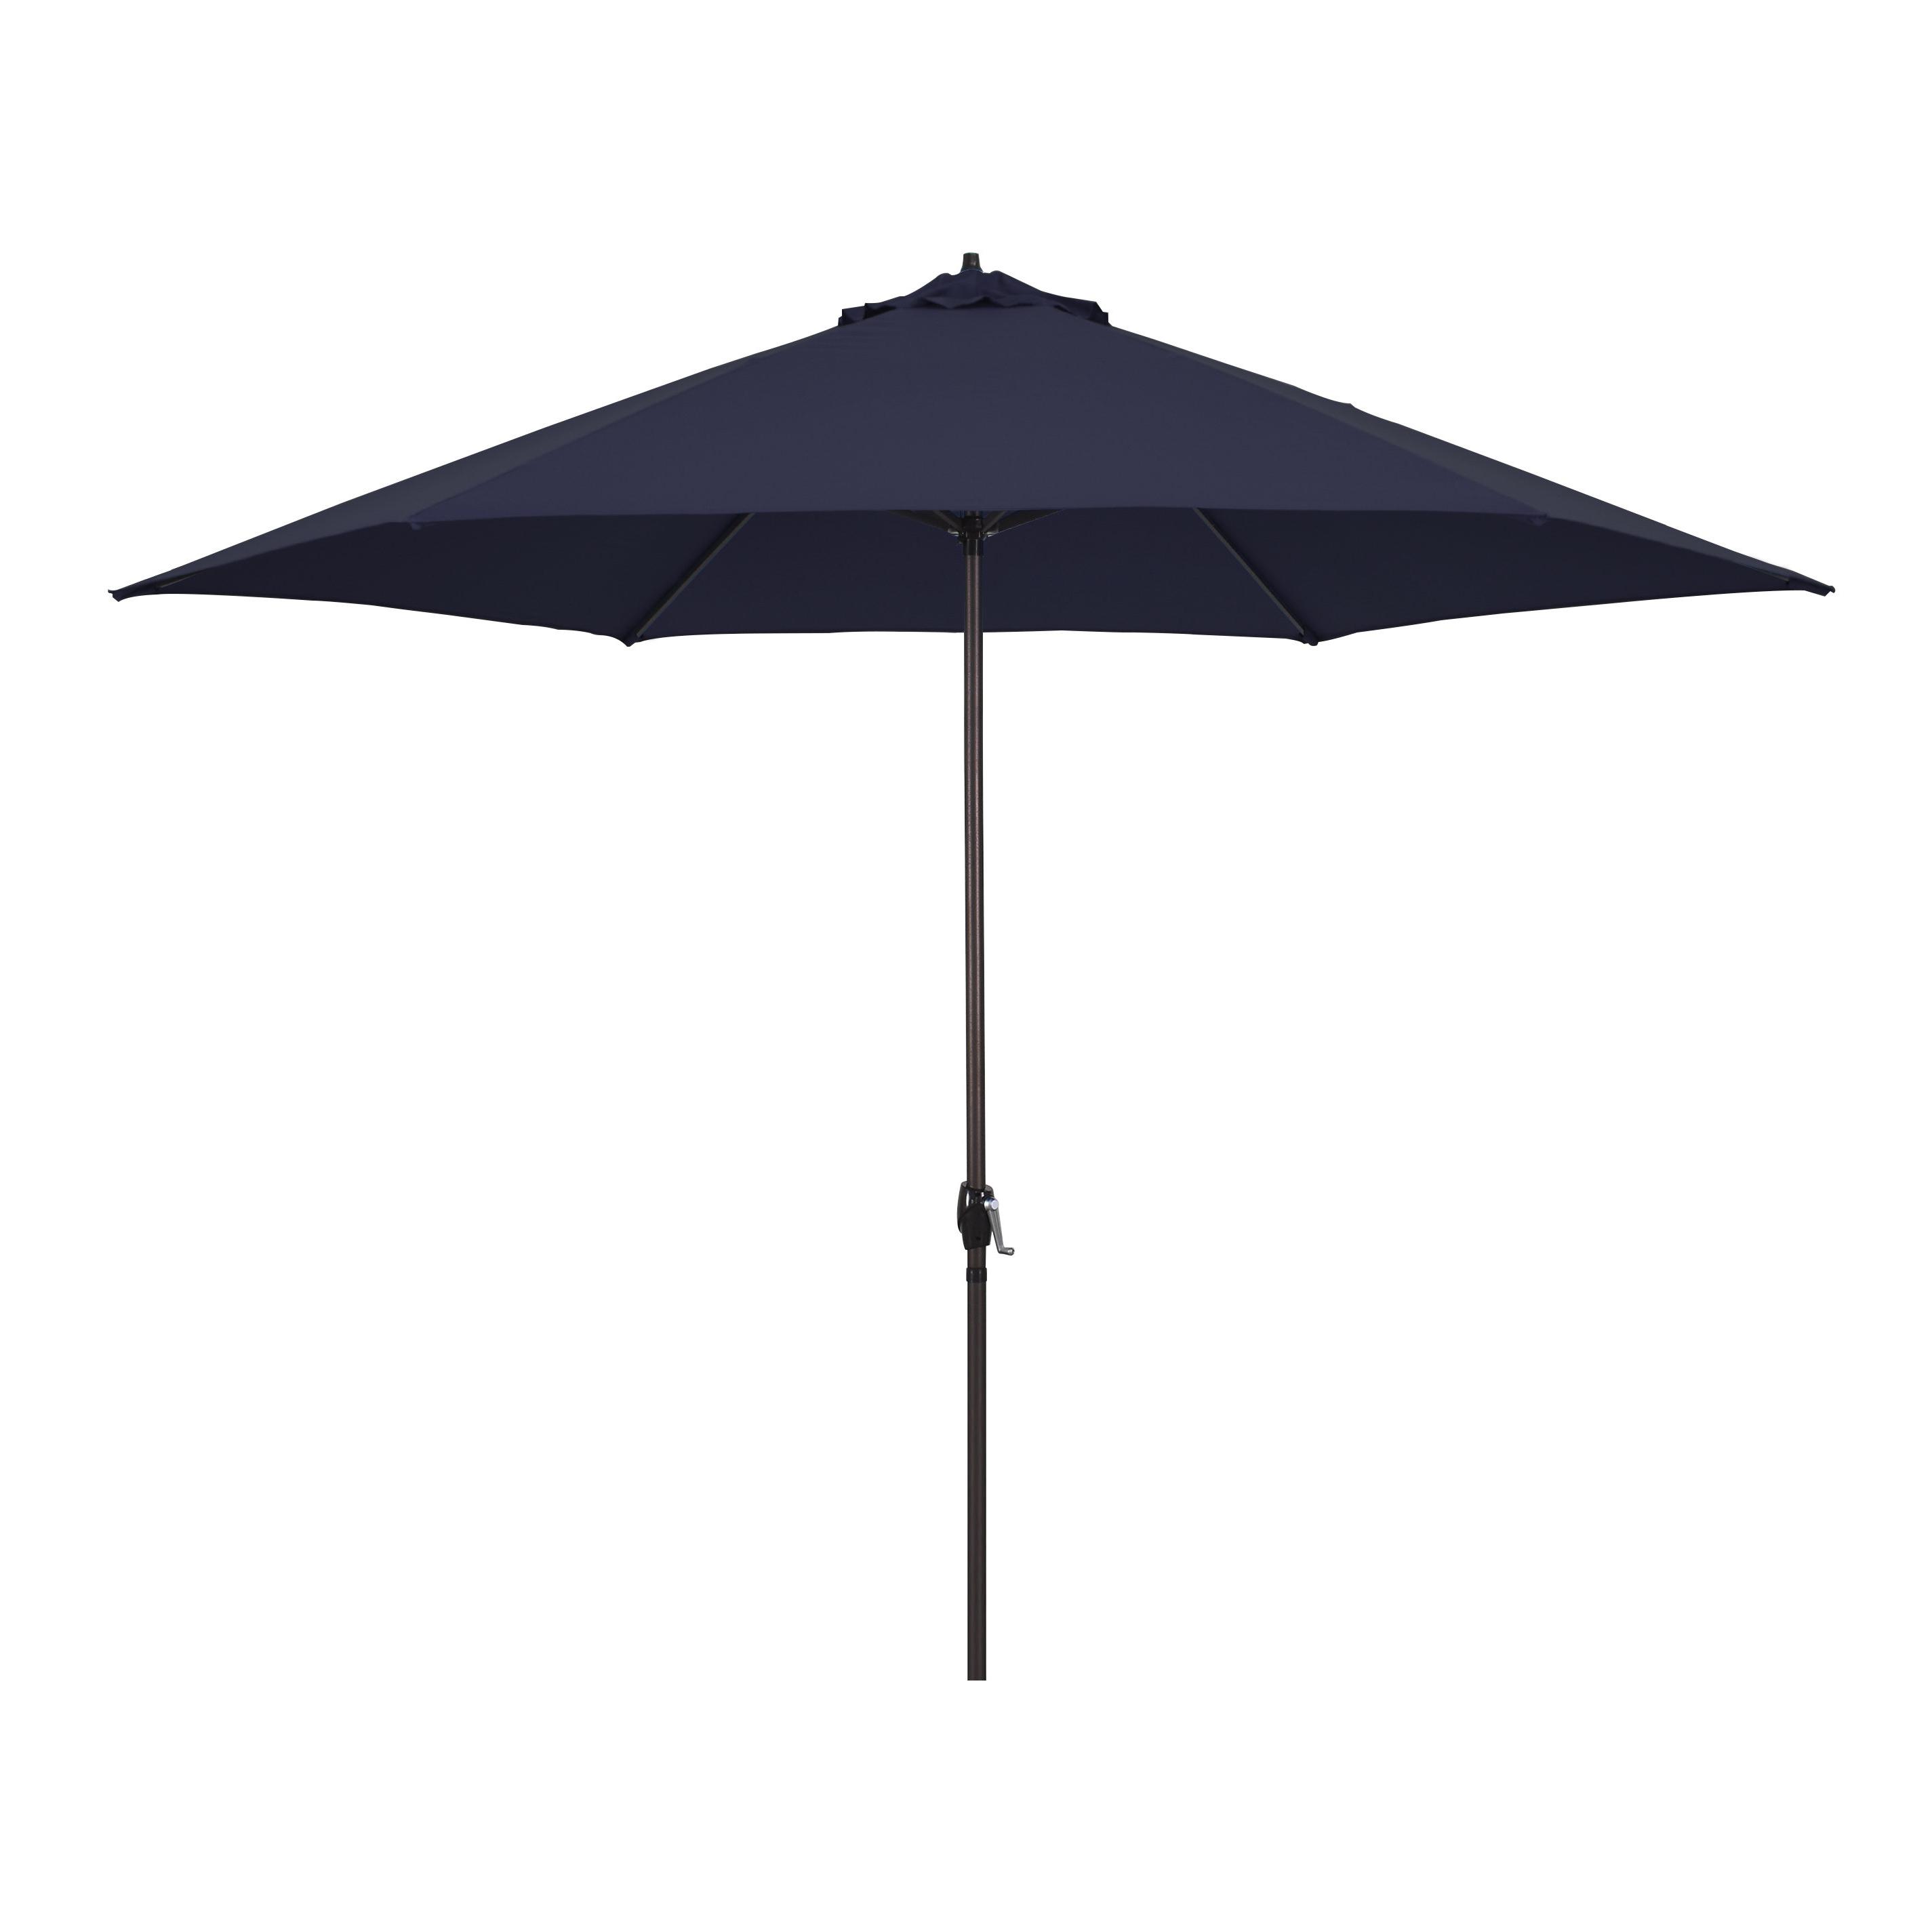 Isom Market Umbrellas Inside Most Popular Mcdougal 11' Market Umbrella (View 8 of 20)